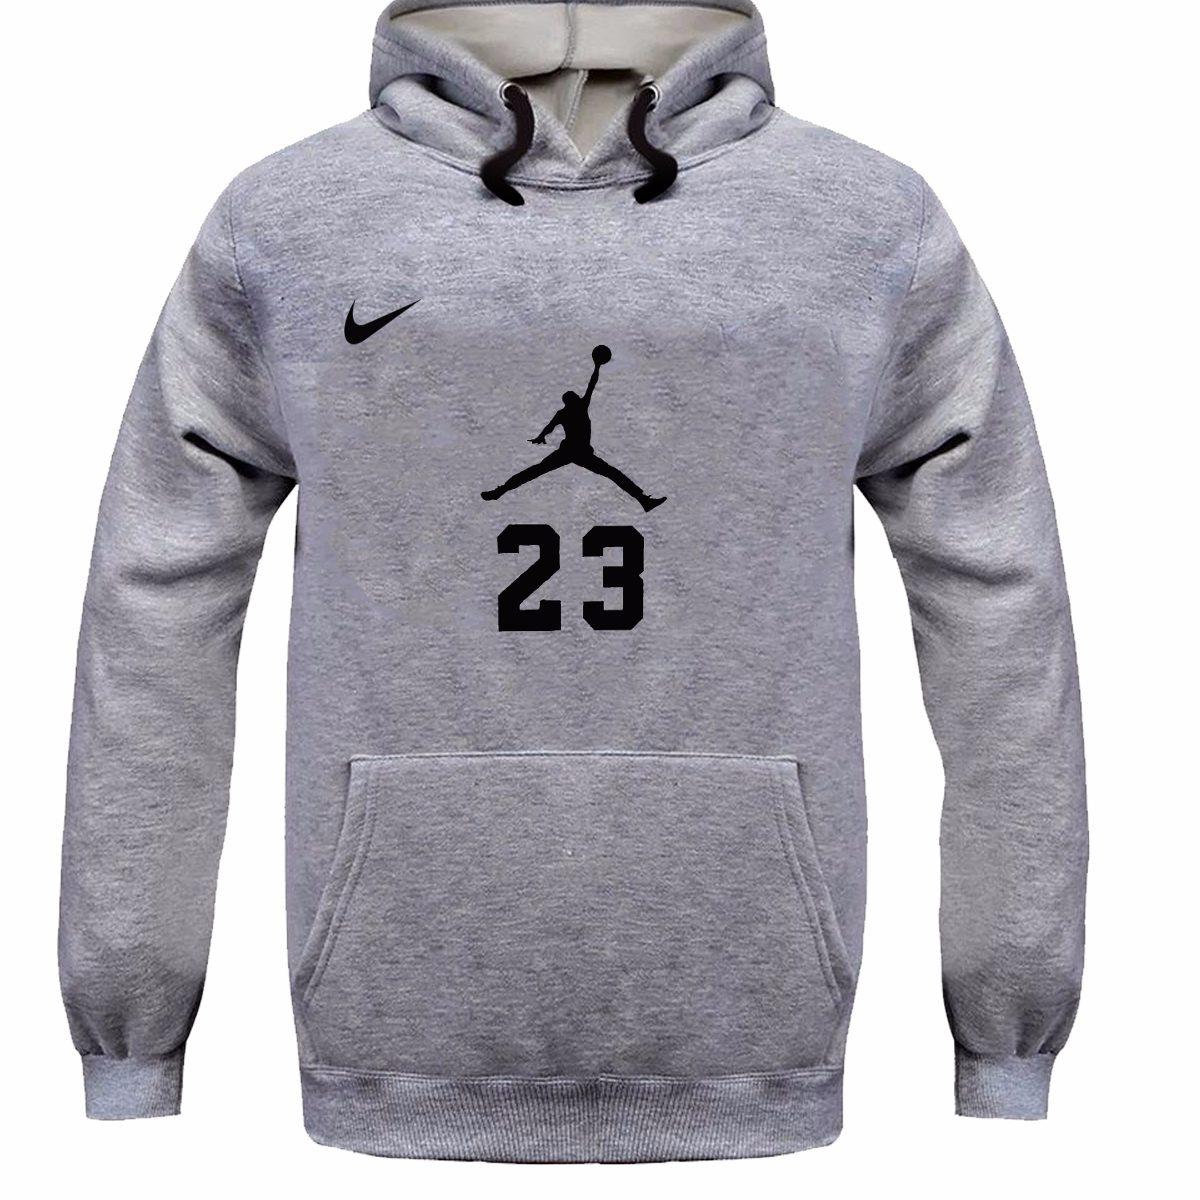 0976af6e594 blusa moleton air jordan basquete 100% algodão customizada. Carregando zoom.